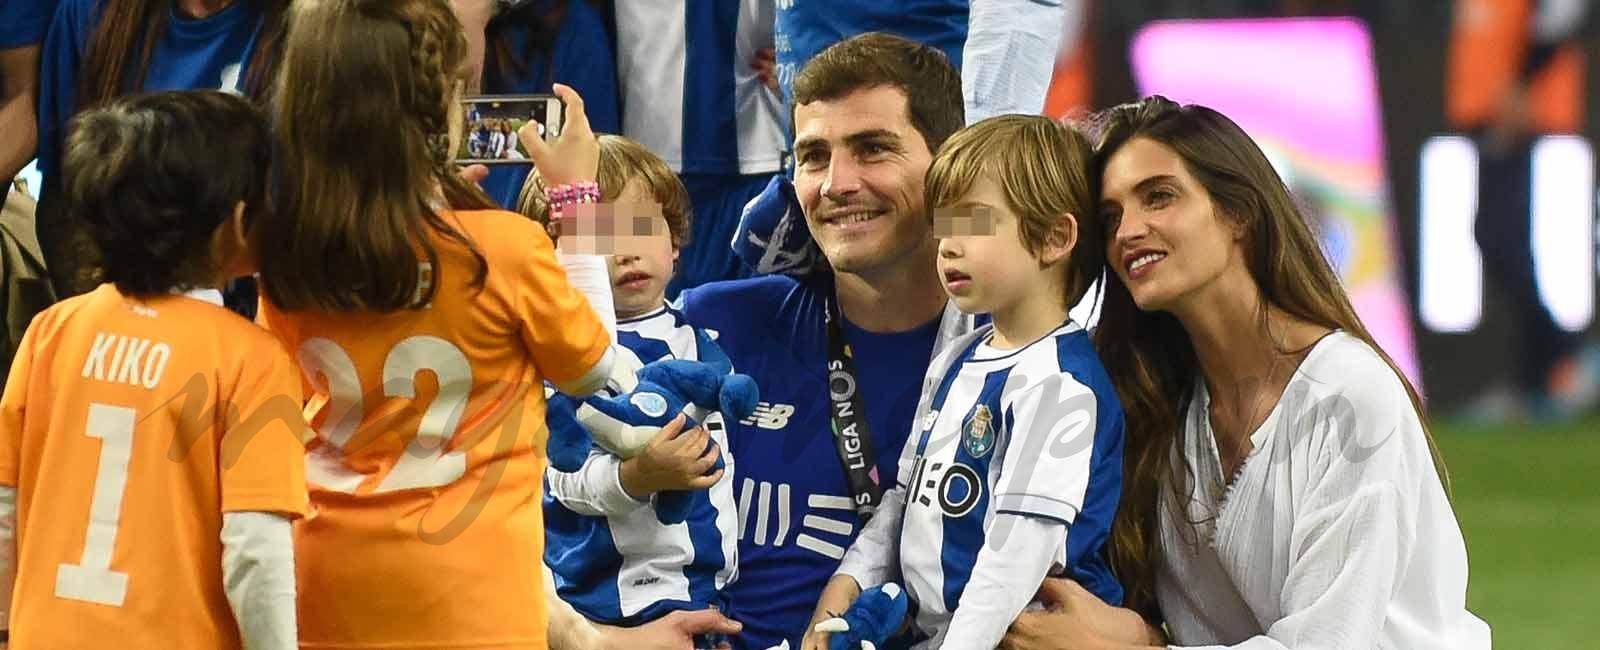 Las imágenes más entrañables del nuevo triunfo de Iker Casillas con Sara Carbonero